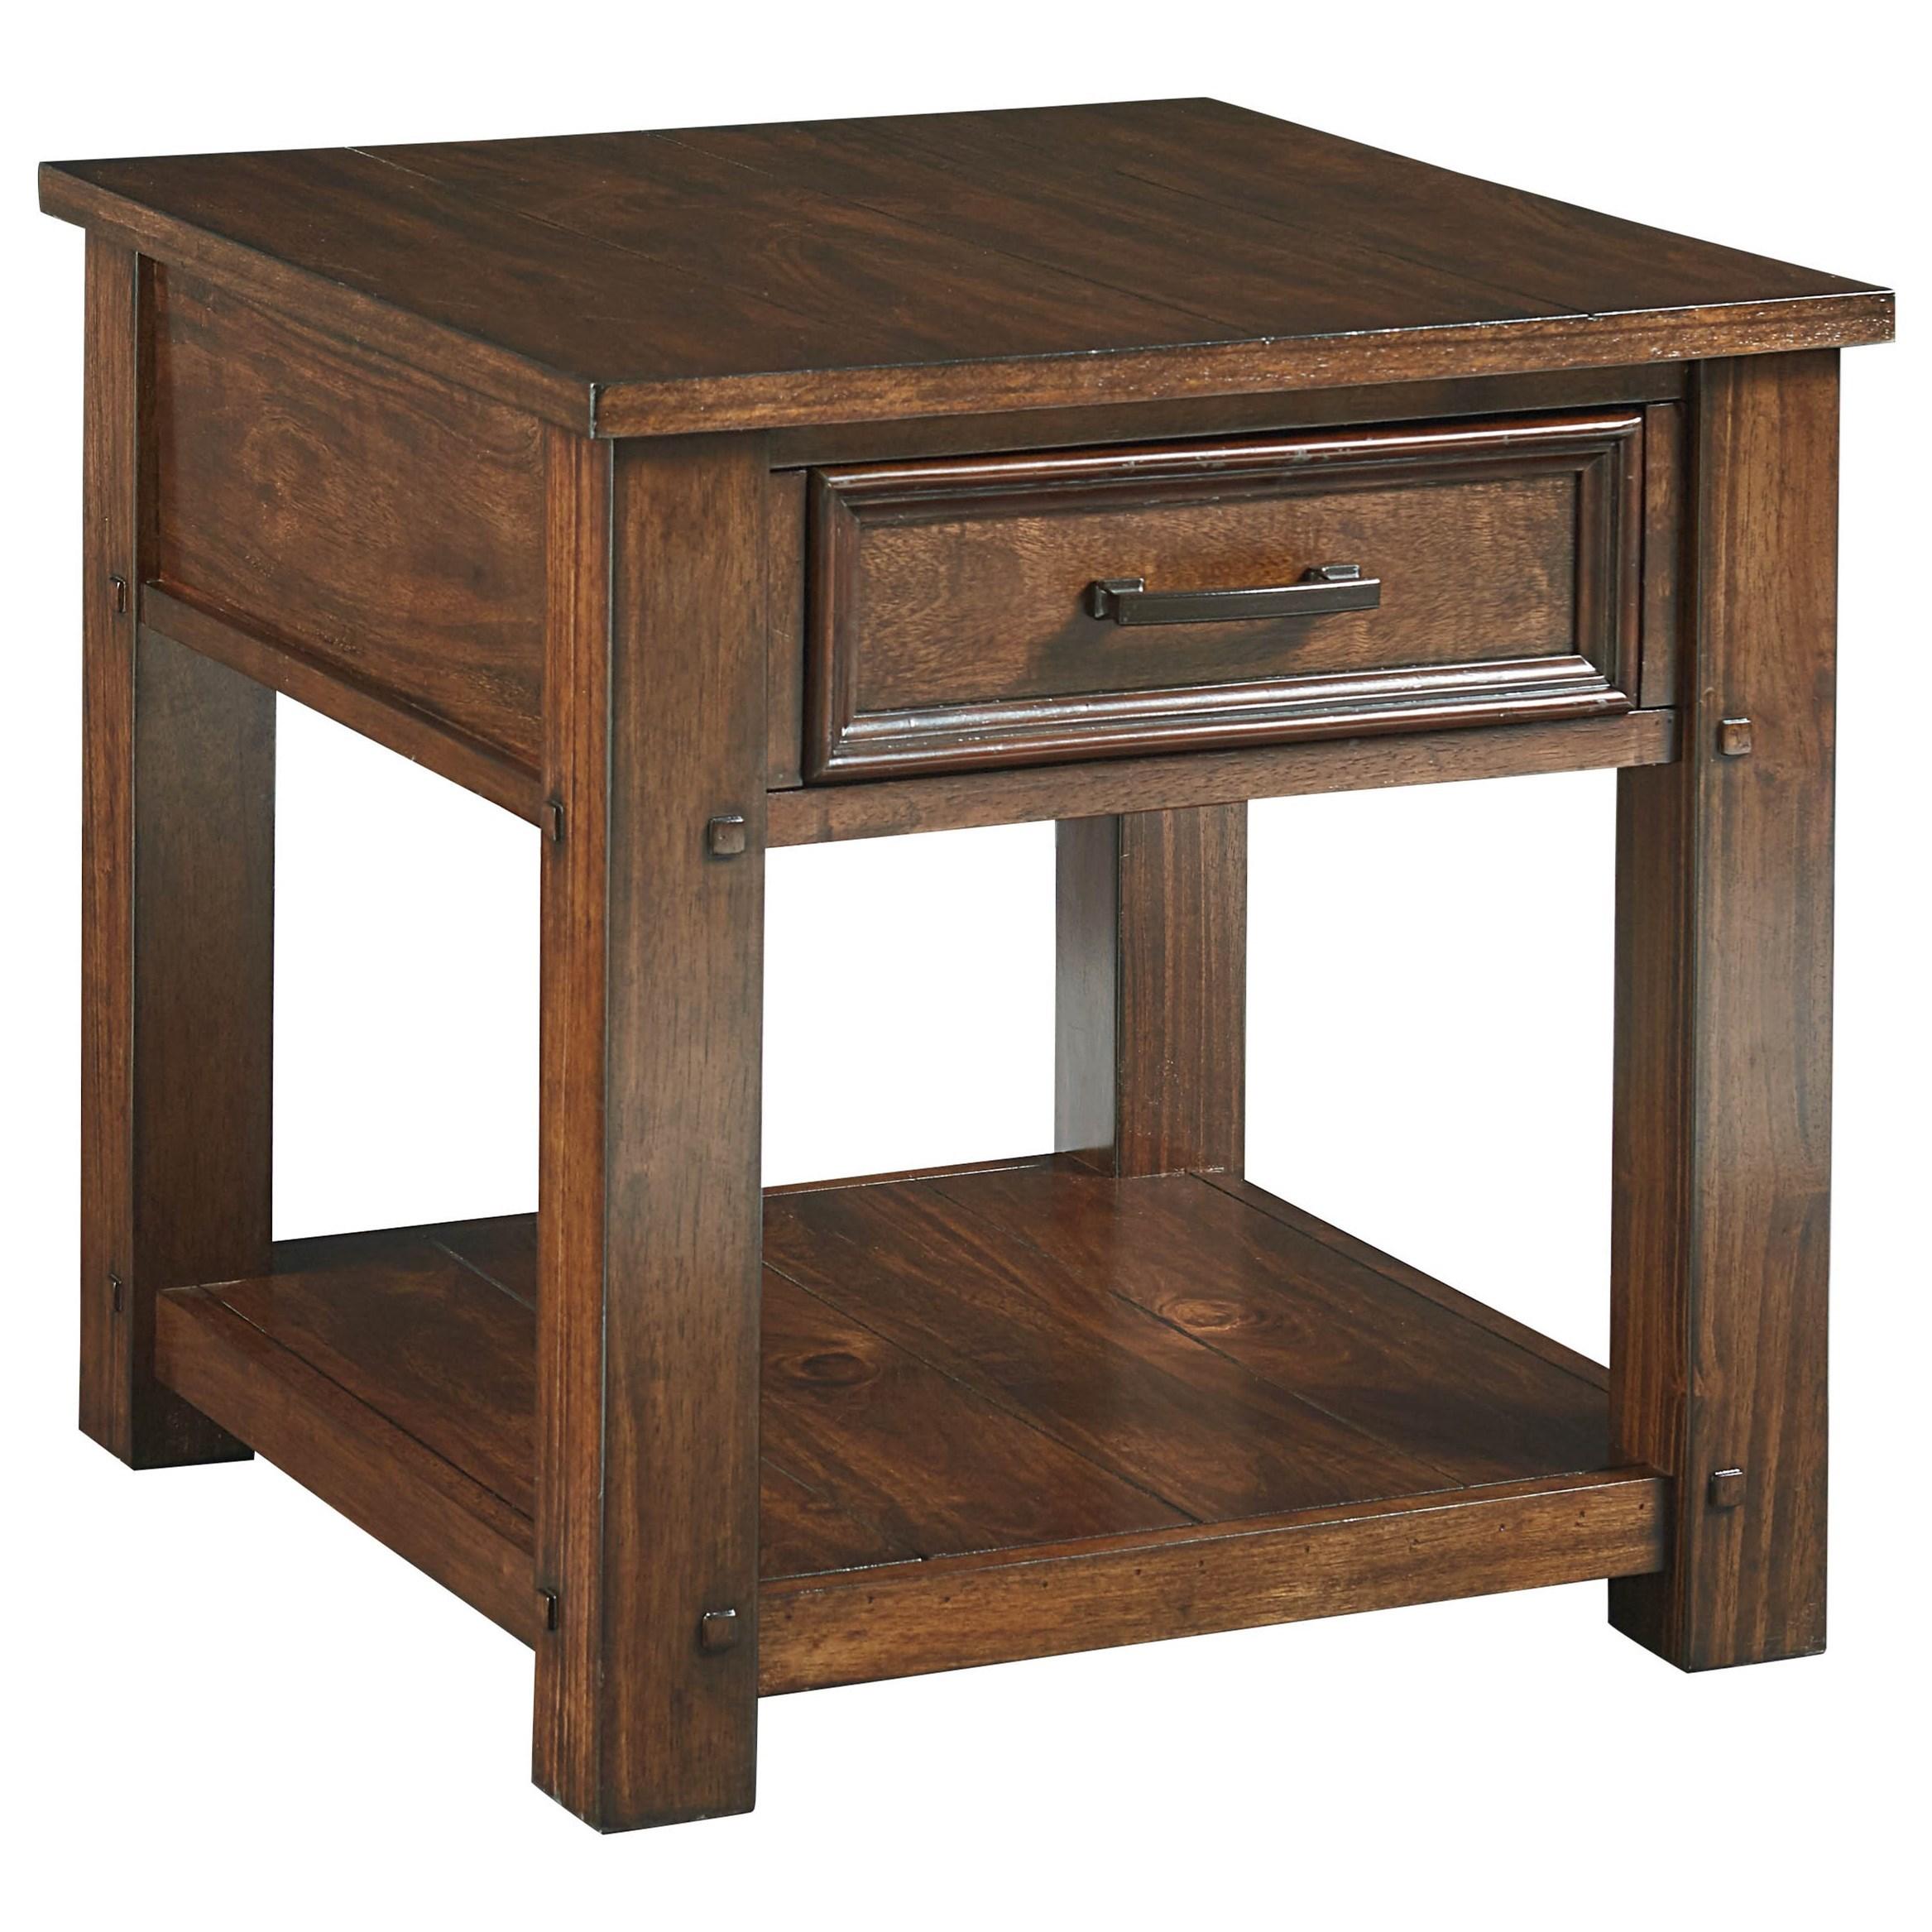 Standard Furniture Cameron End Table - Item Number: 28882